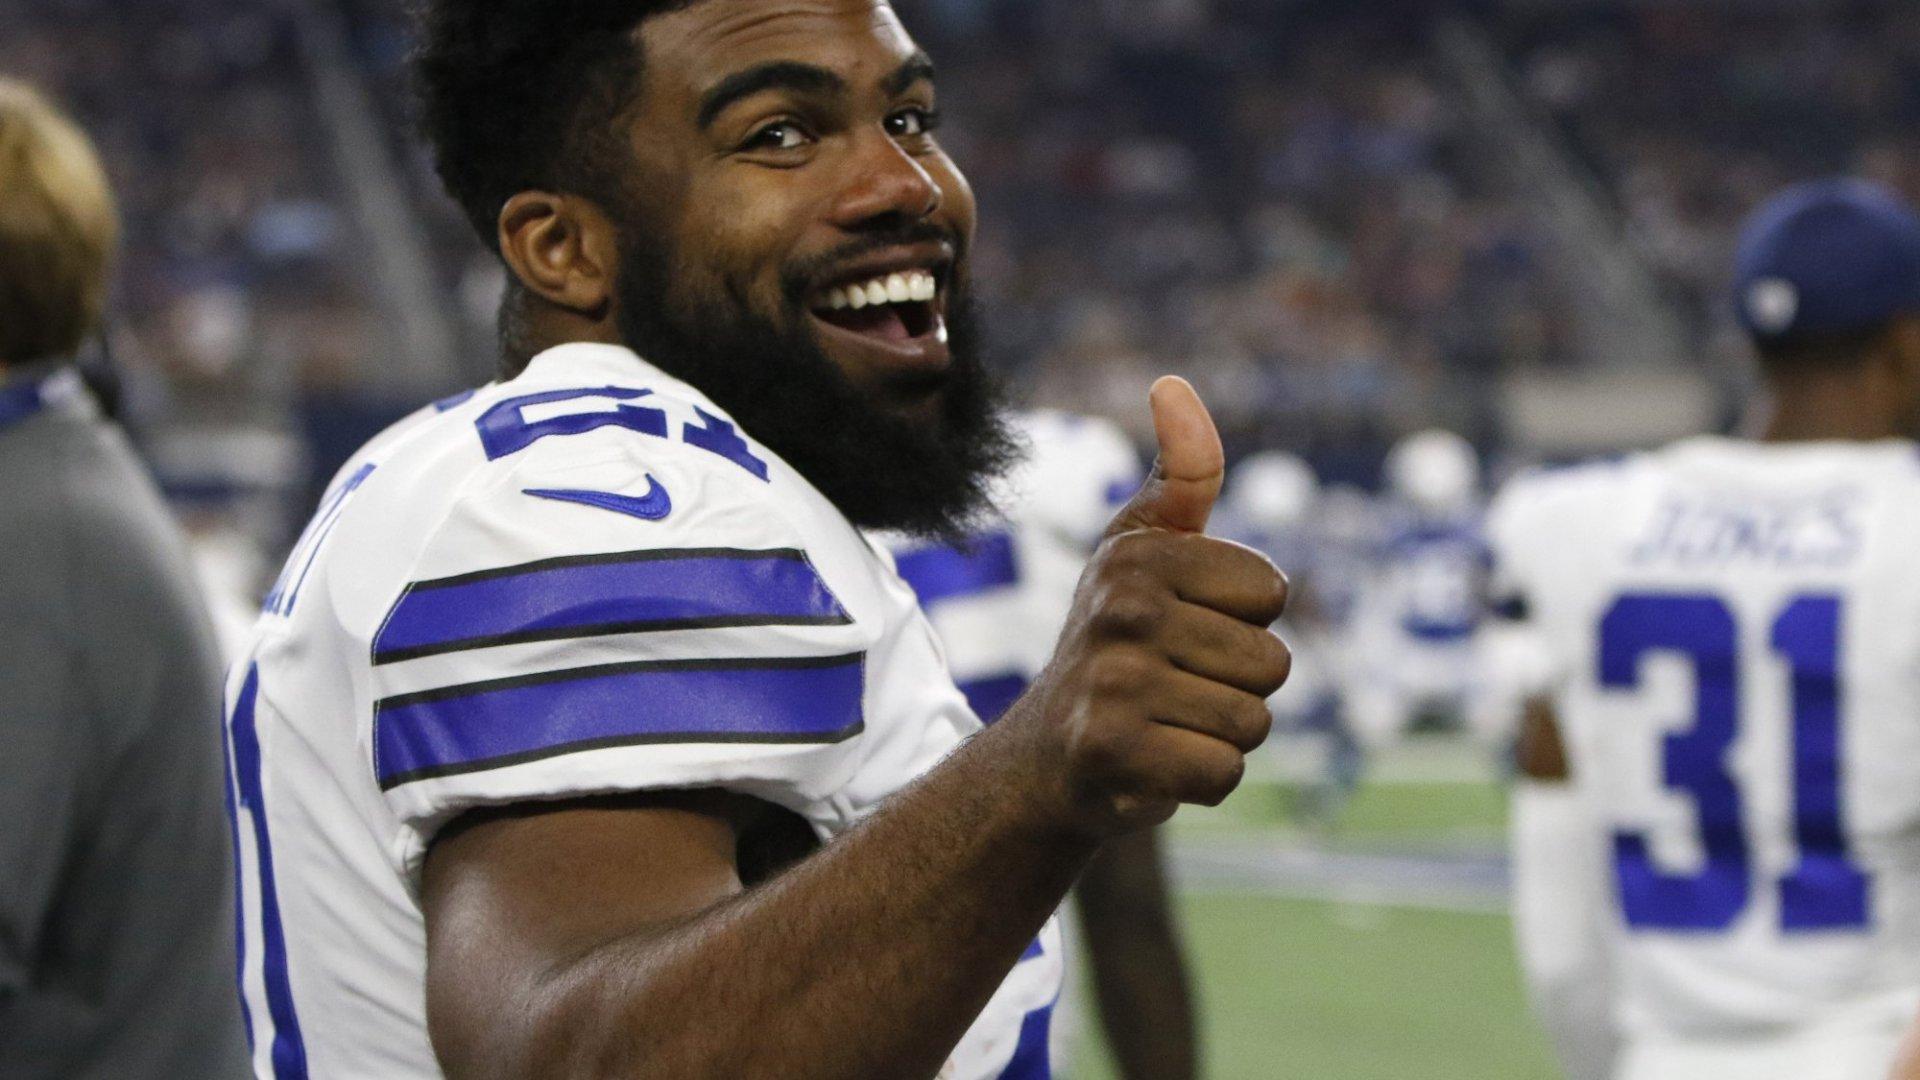 Ezekiel Elliott is happy as long as he is on the field, helping the Dallas Cowboys.